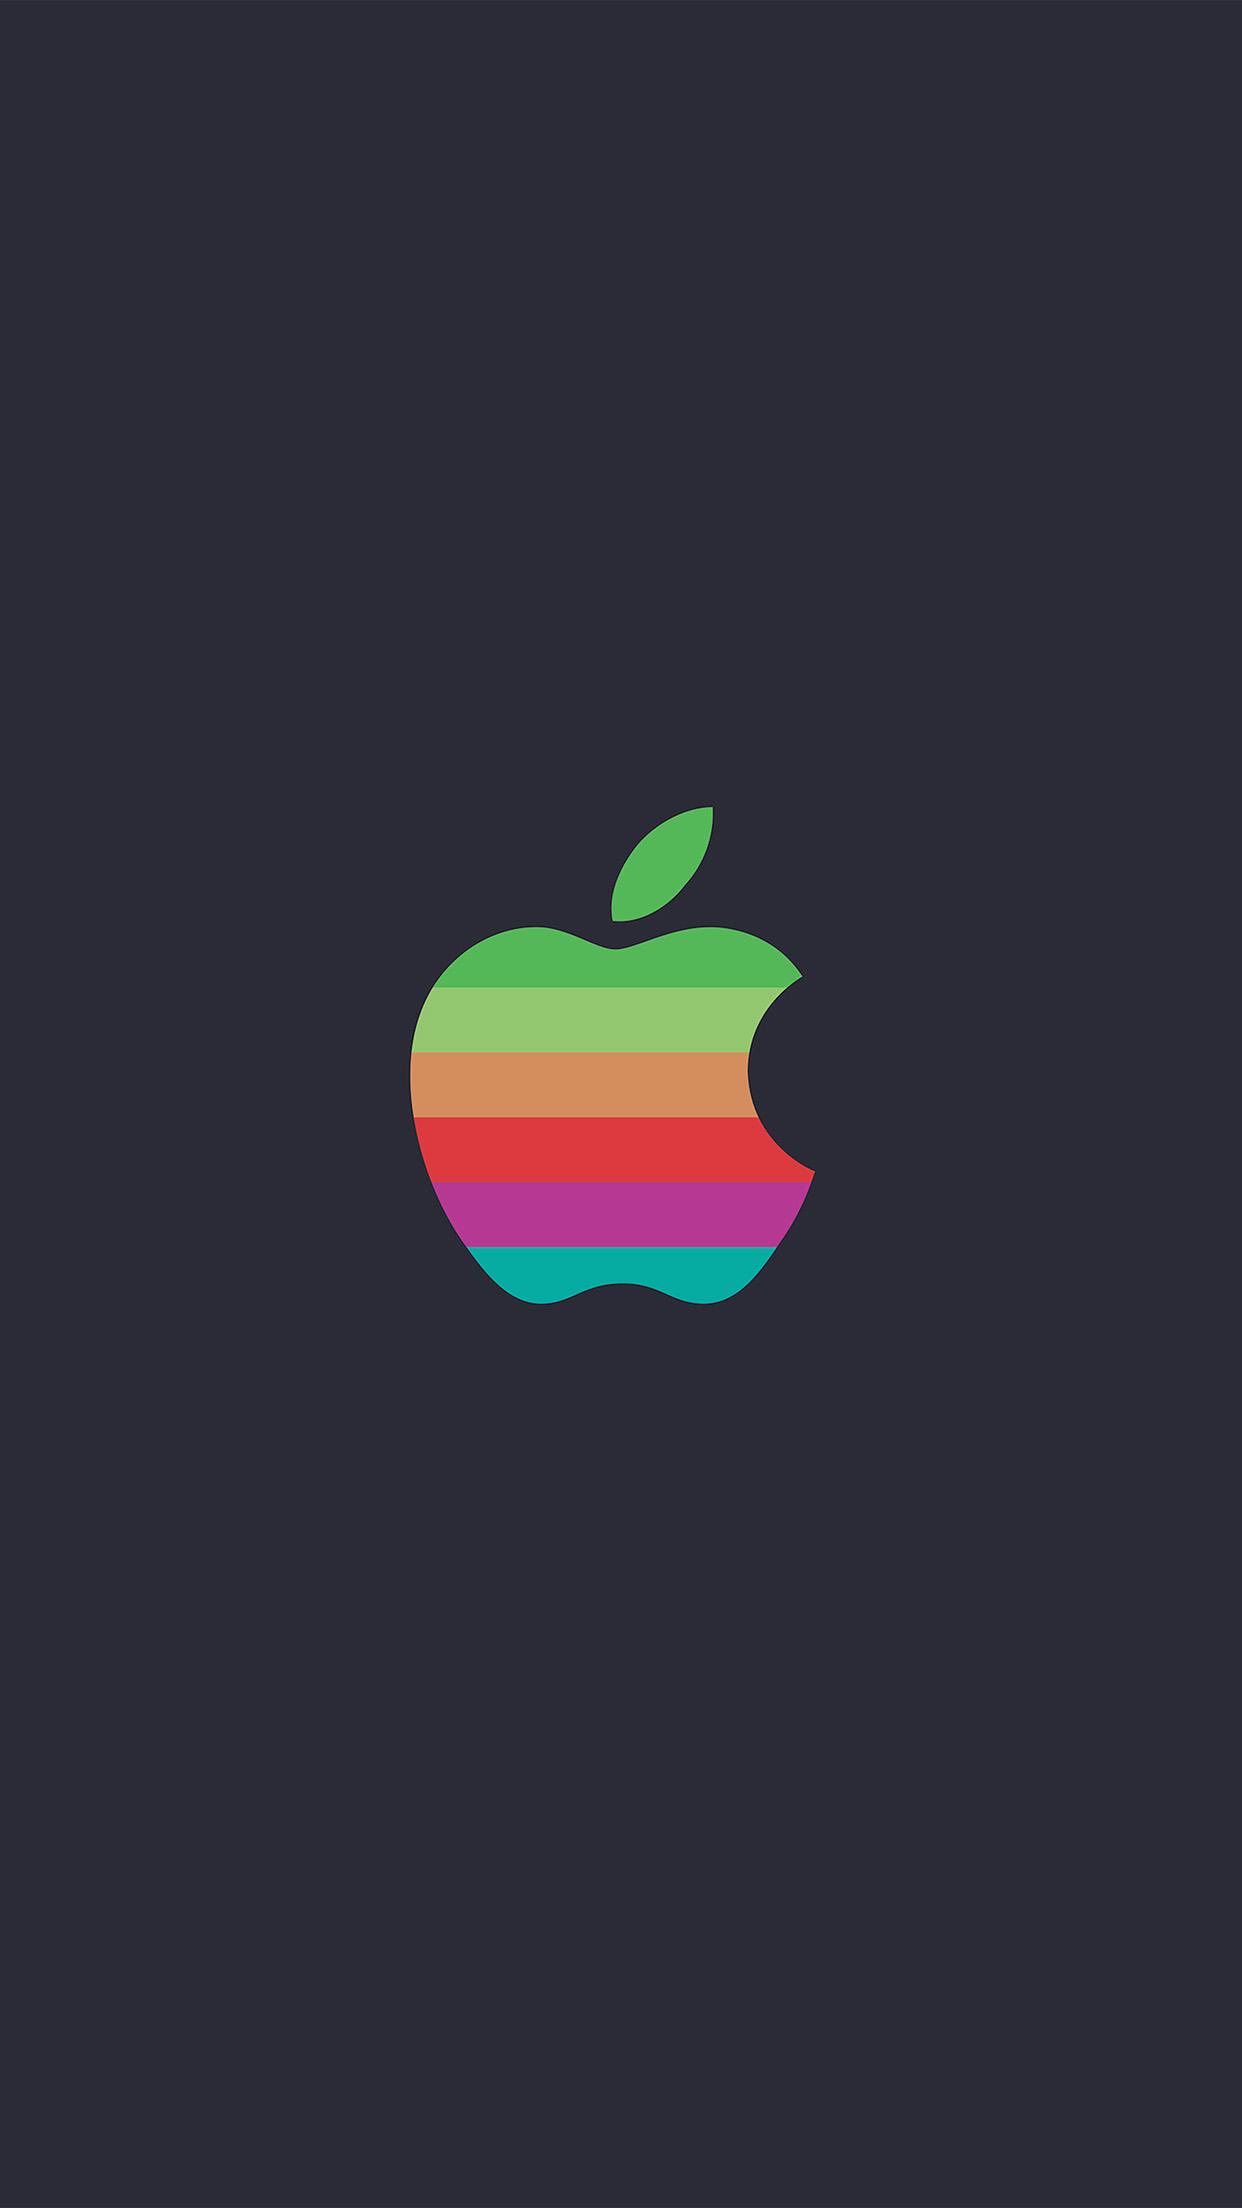 Minimal Logo Apple Color Dark Illustration Art Android Wallpaper